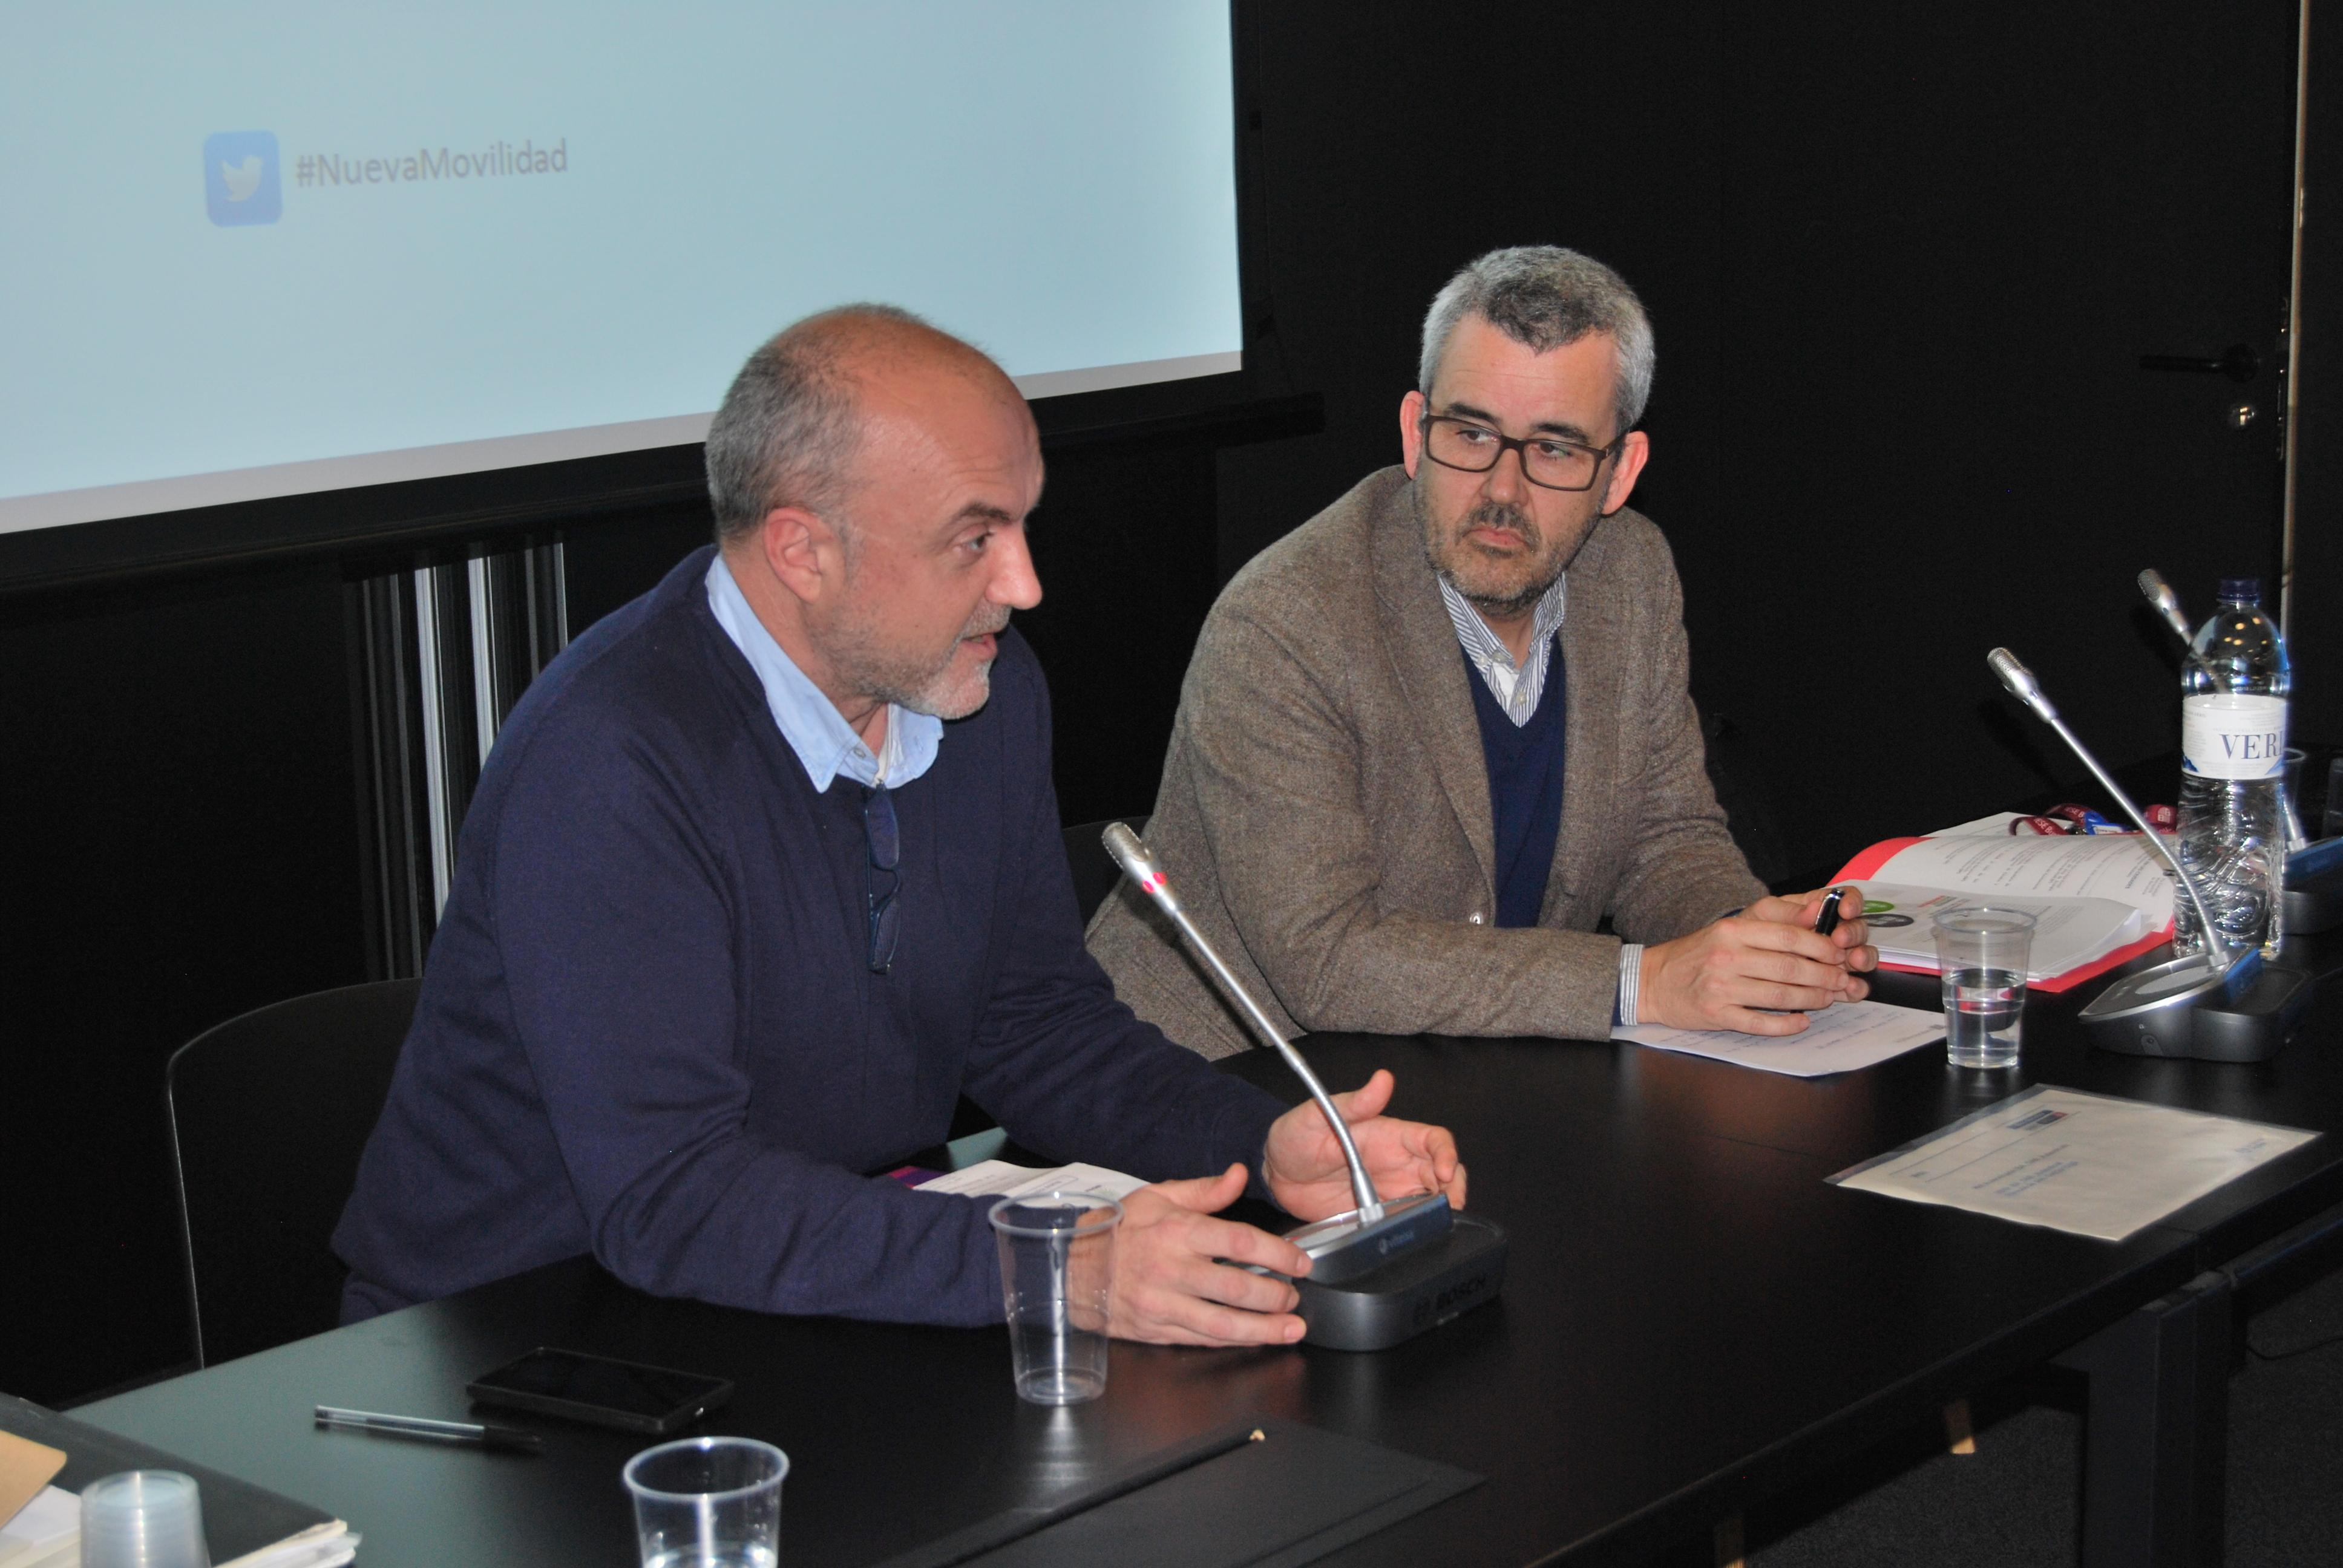 Oriol Estela y Agustín Fernández de Losada (Tornos Abogados) explican la Nueva Agenda Post Habitat III